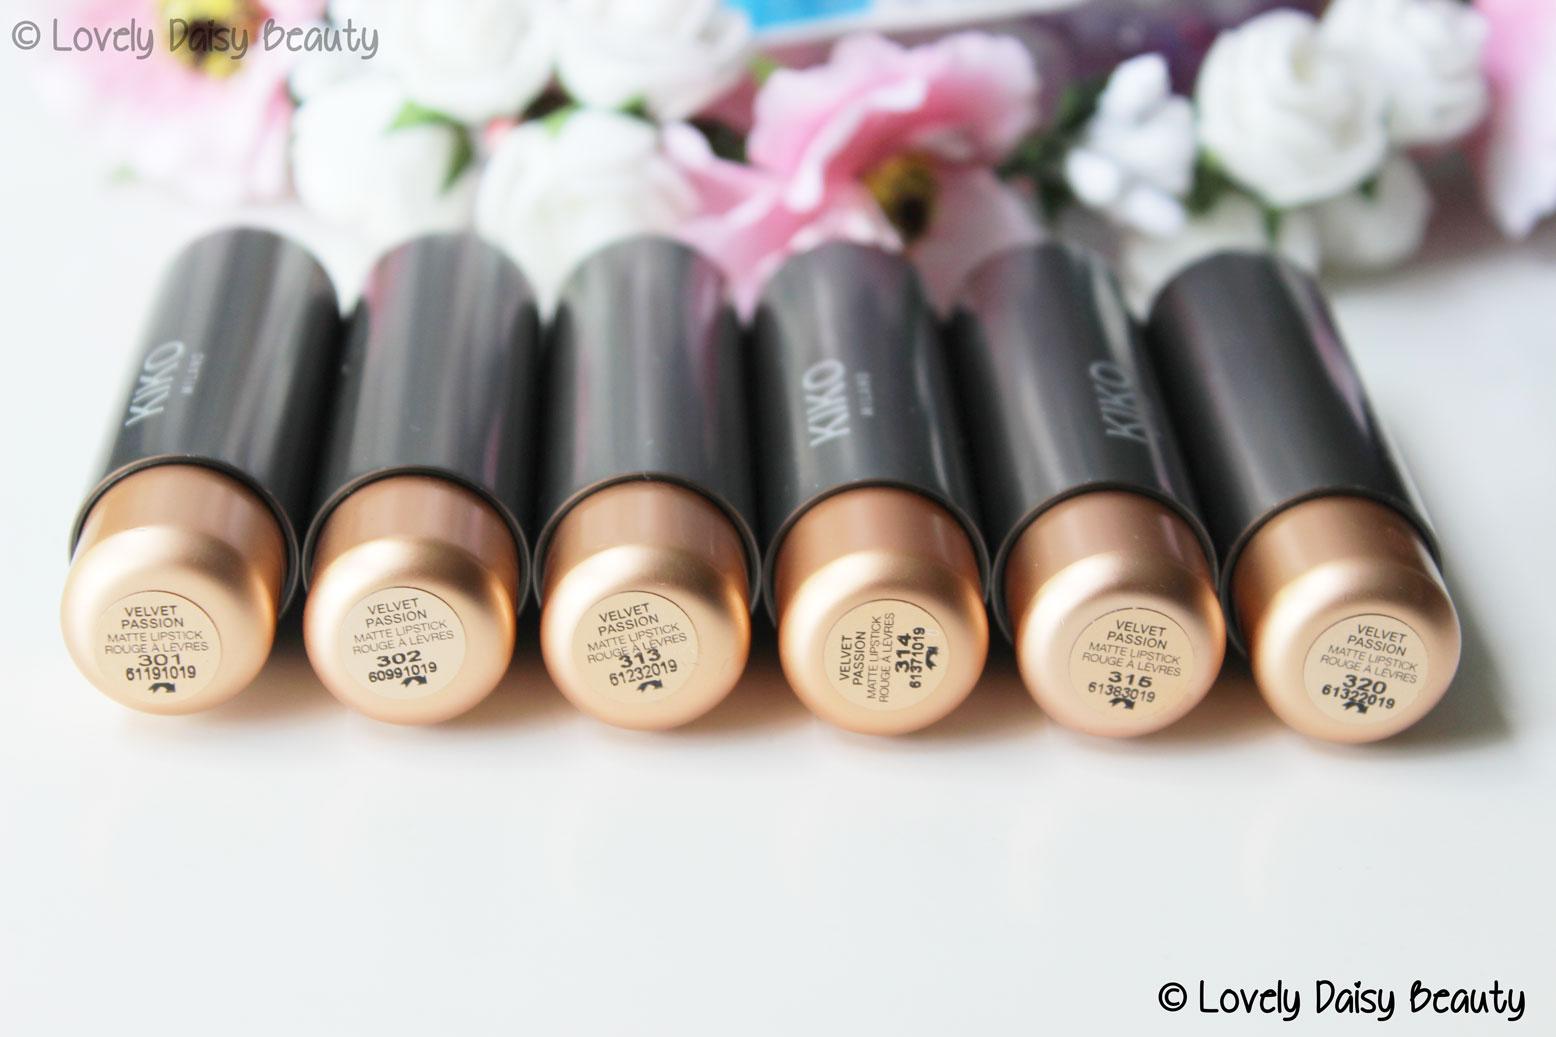 kiko_velvet_passion_matte_lipstick_4